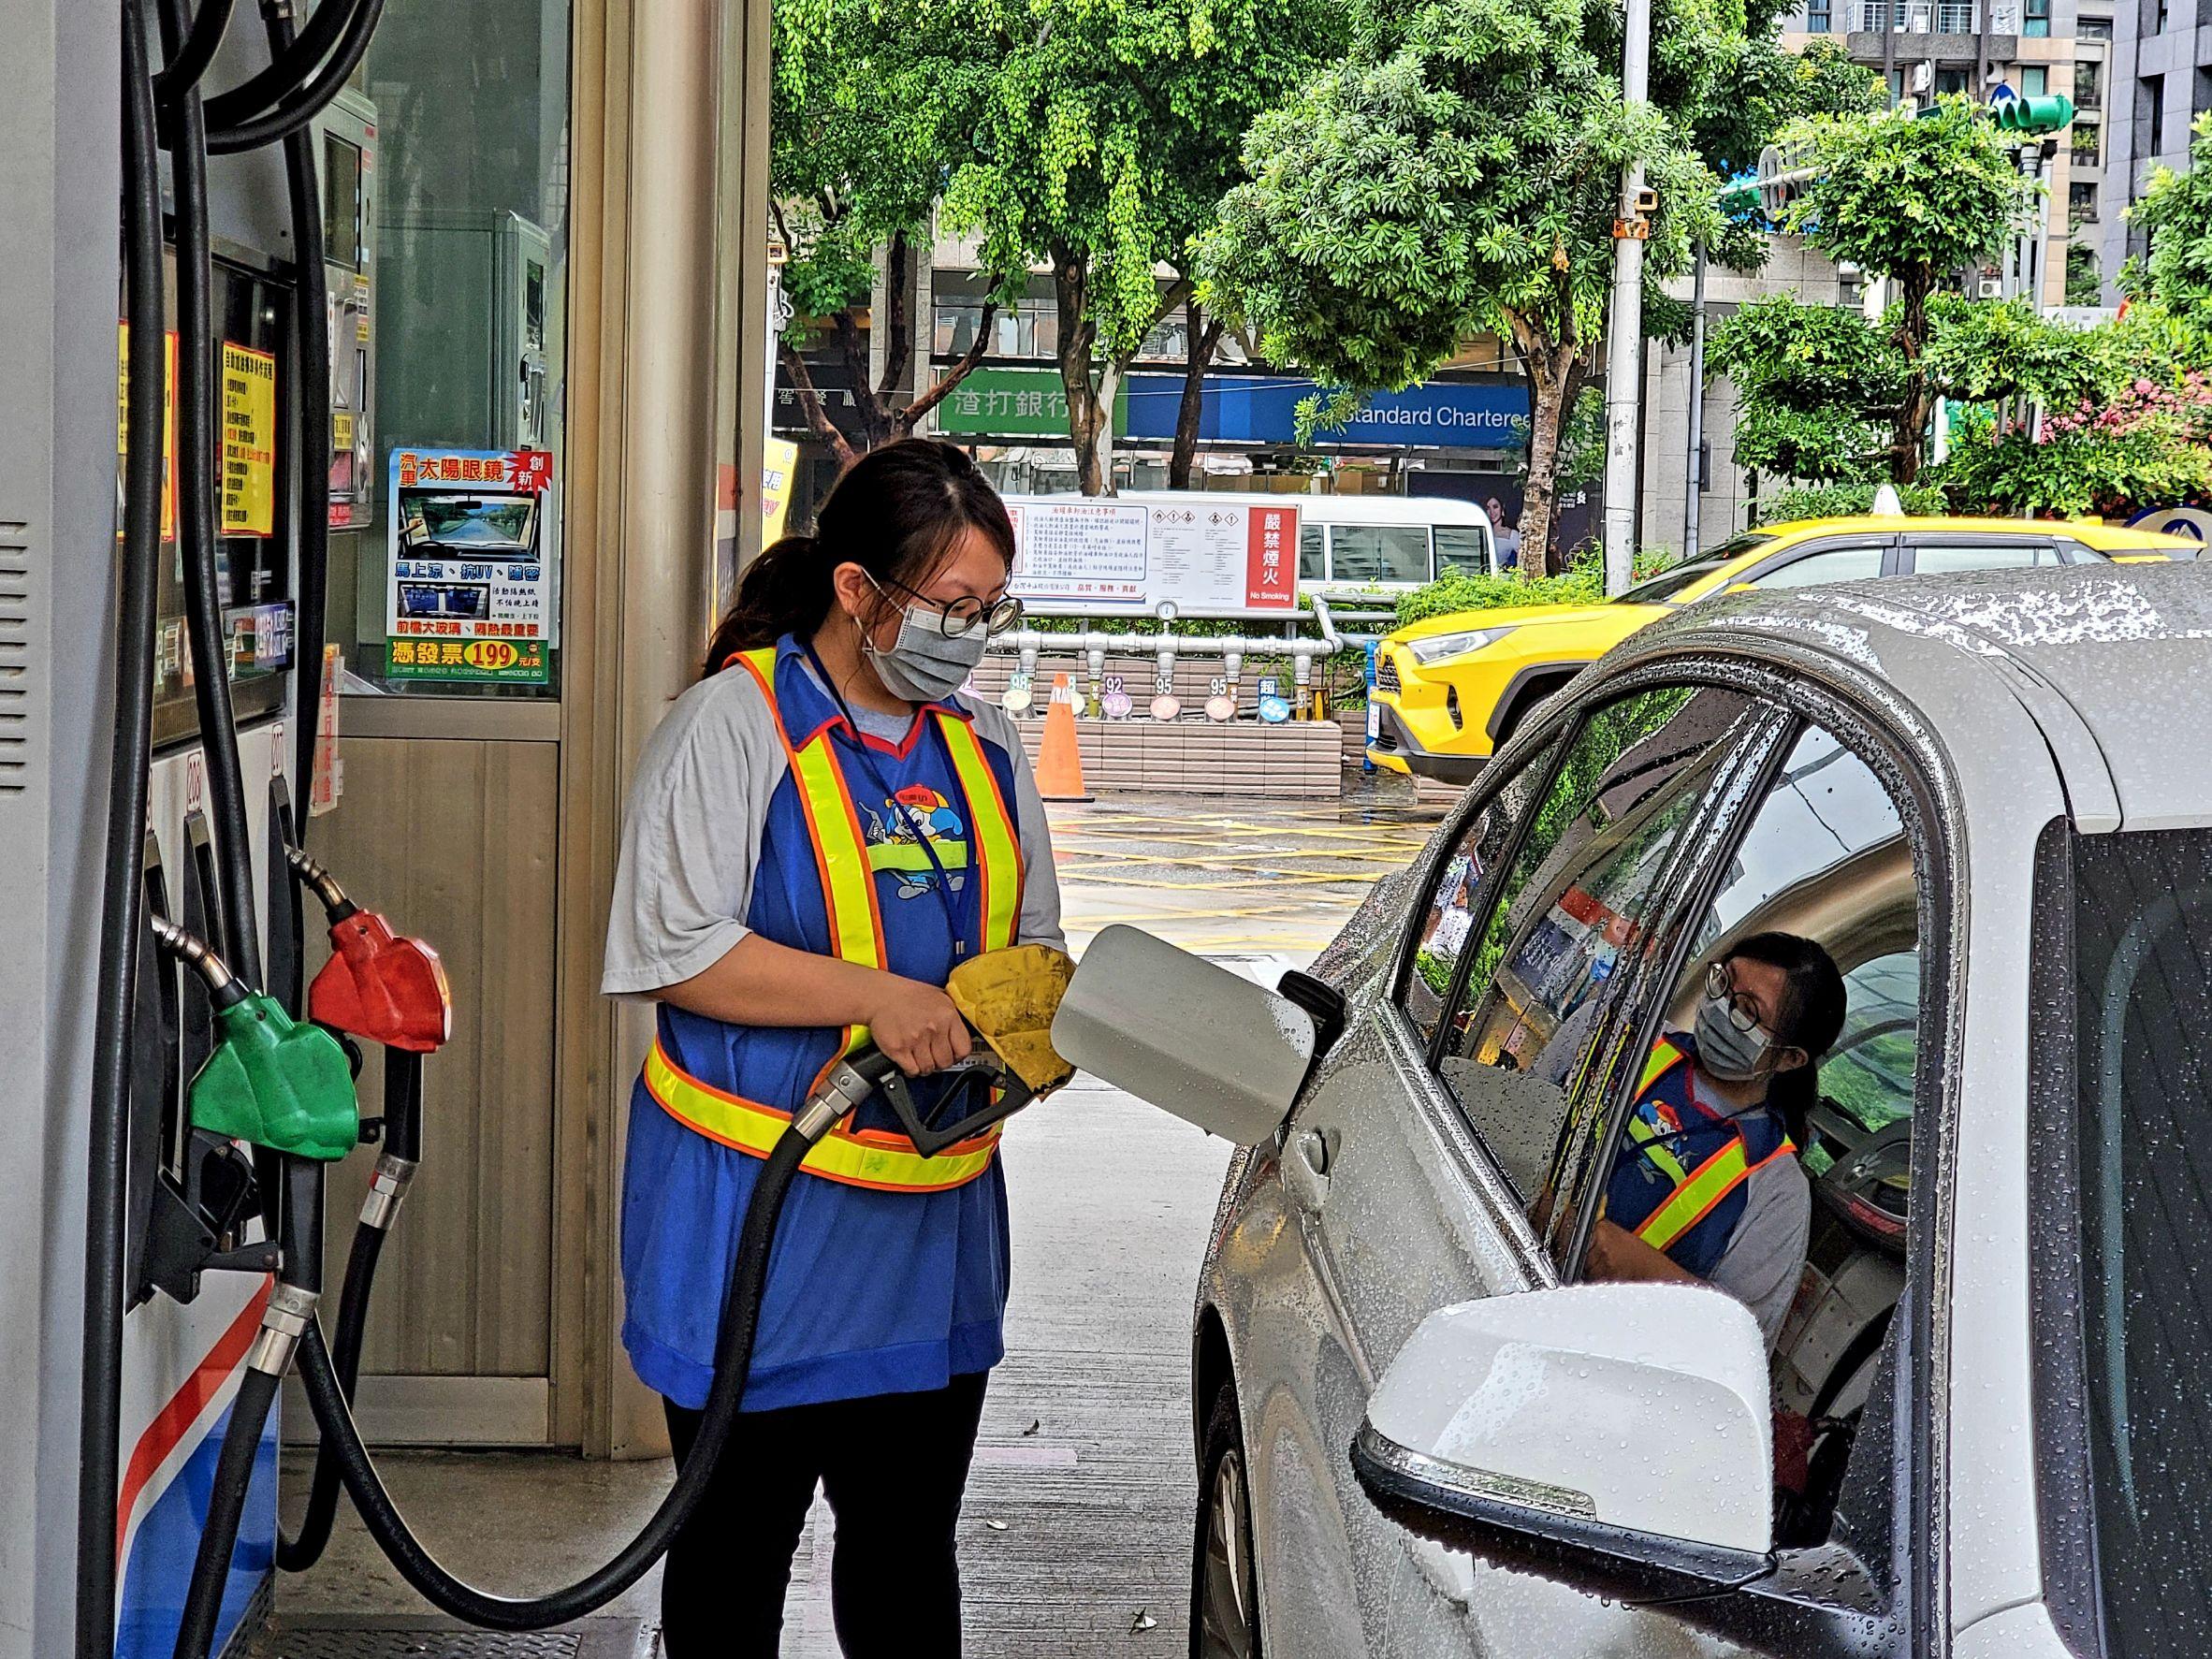 台灣中油74週年慶「74940 中獎其實就是你」 加油抽獎送好禮「絕對是金A」